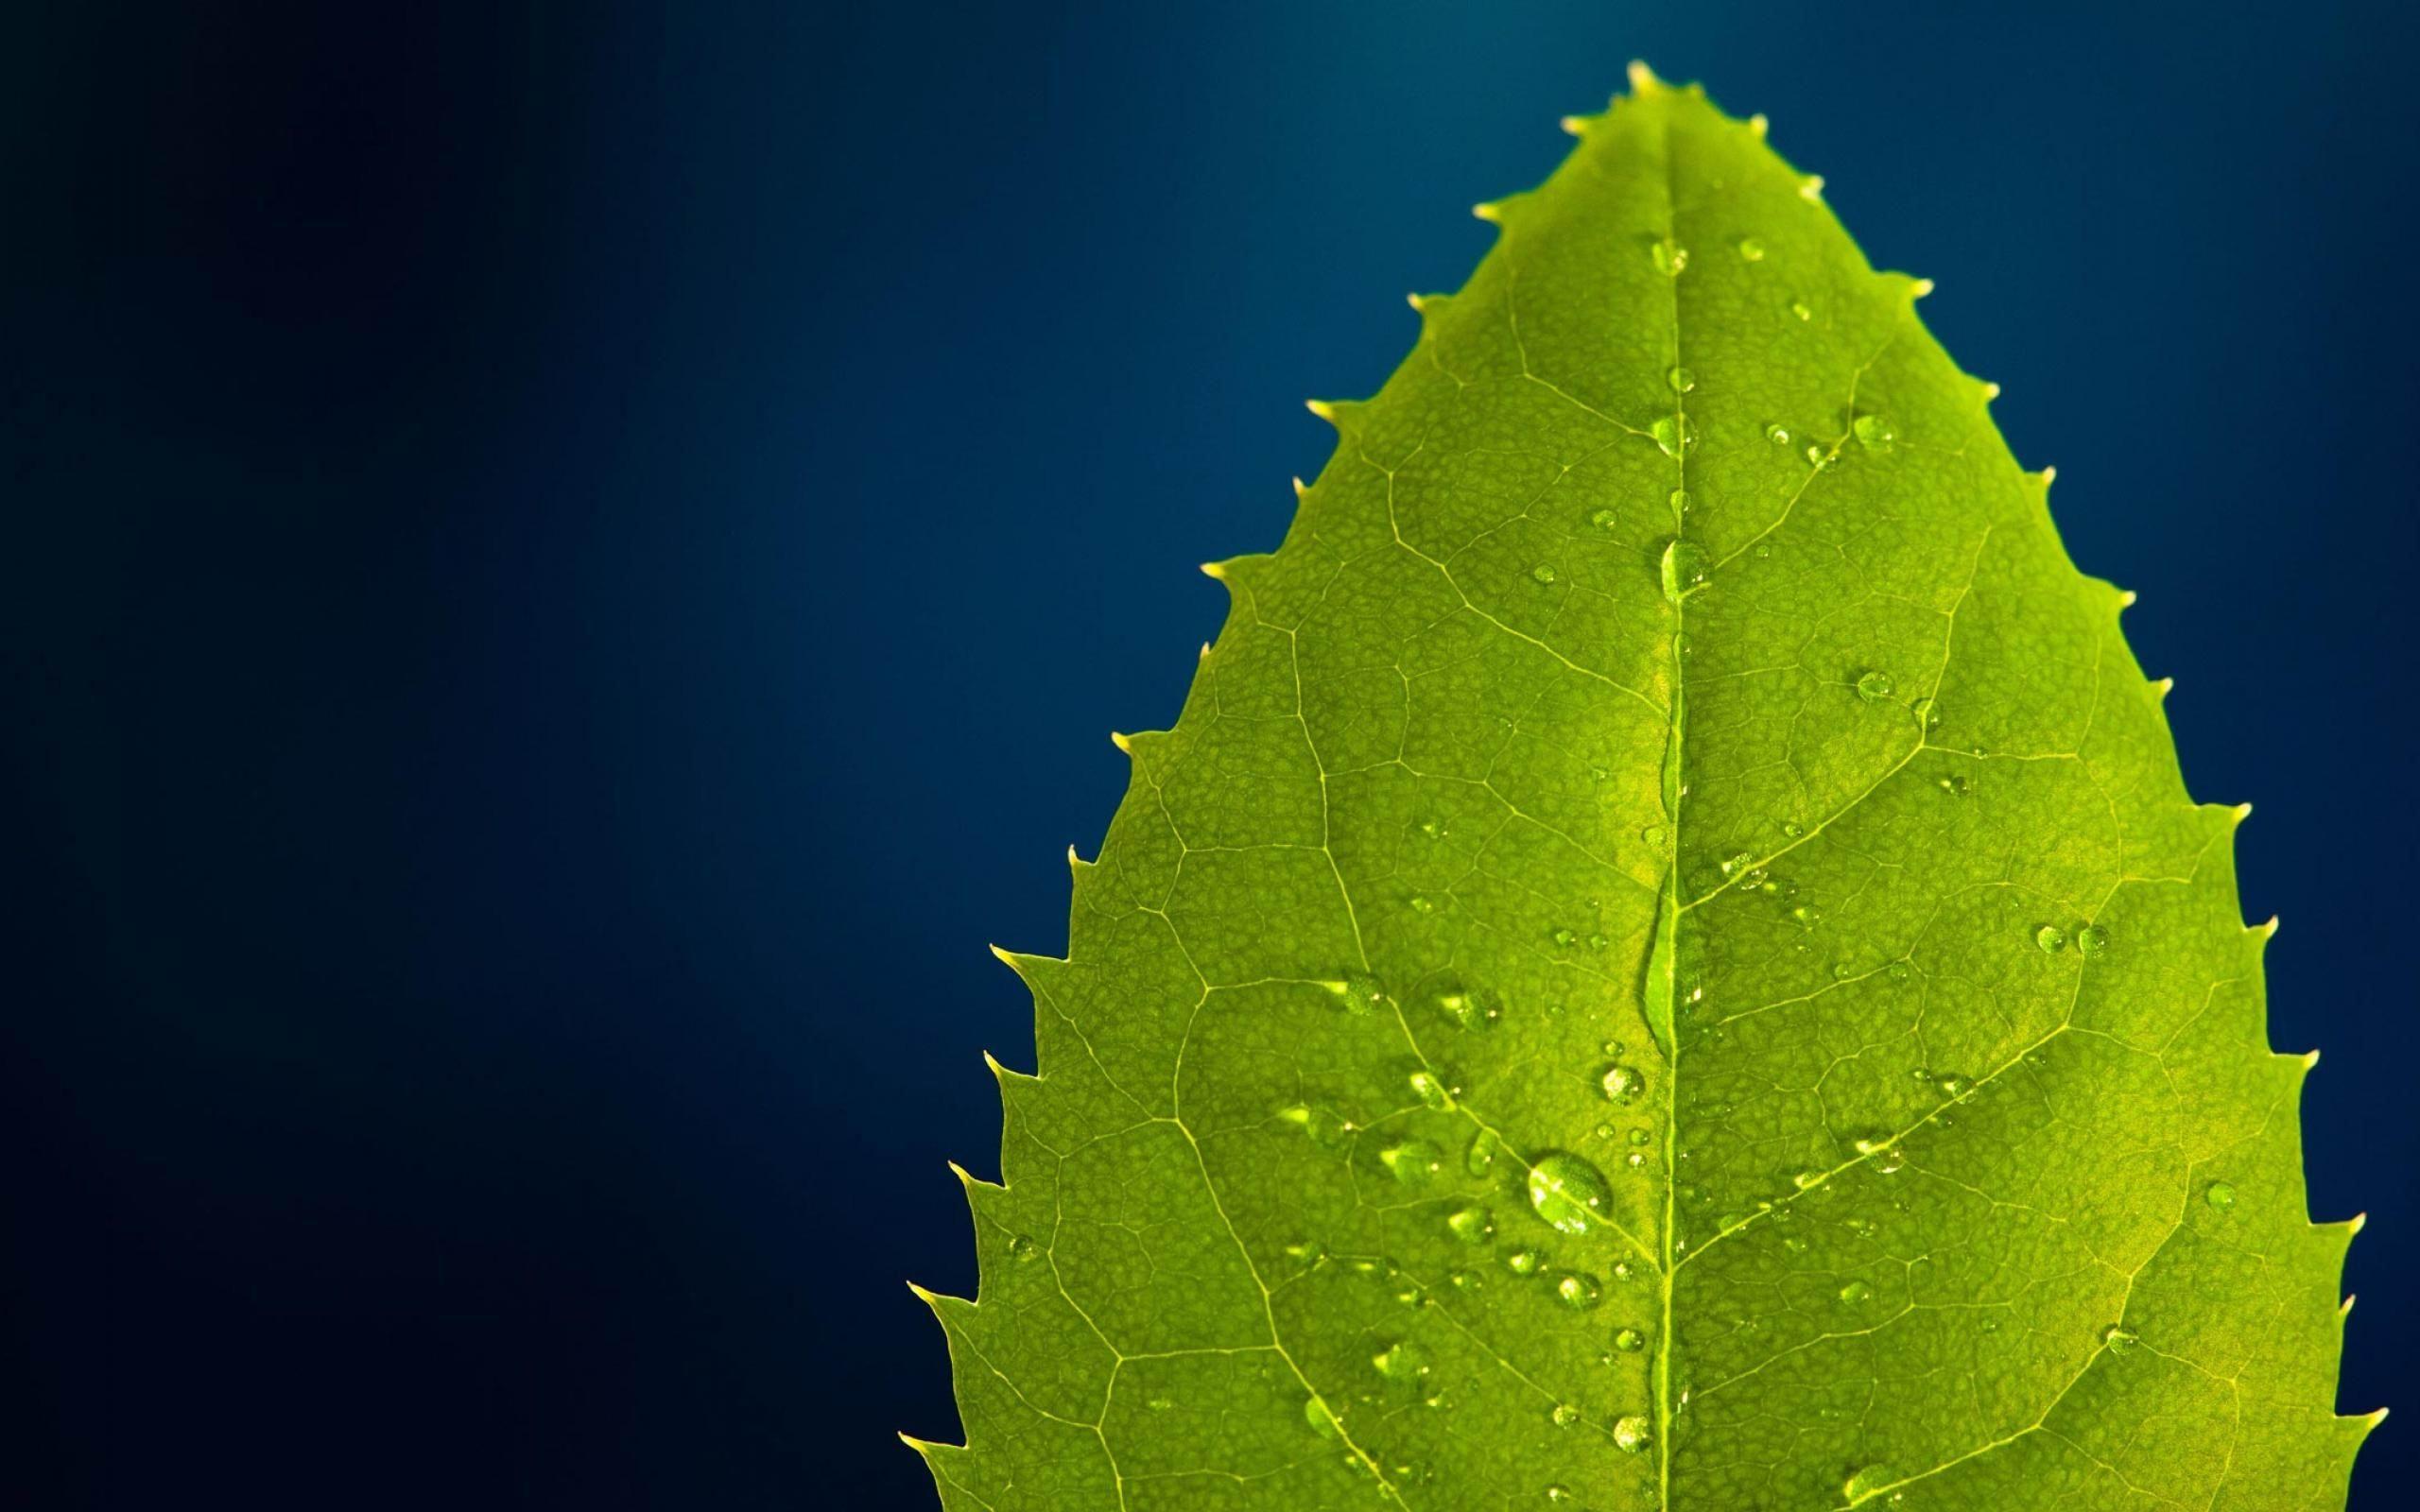 グリーンリーフを削除し 植物クローズアップ壁紙プレビュー 10wallpaper Com